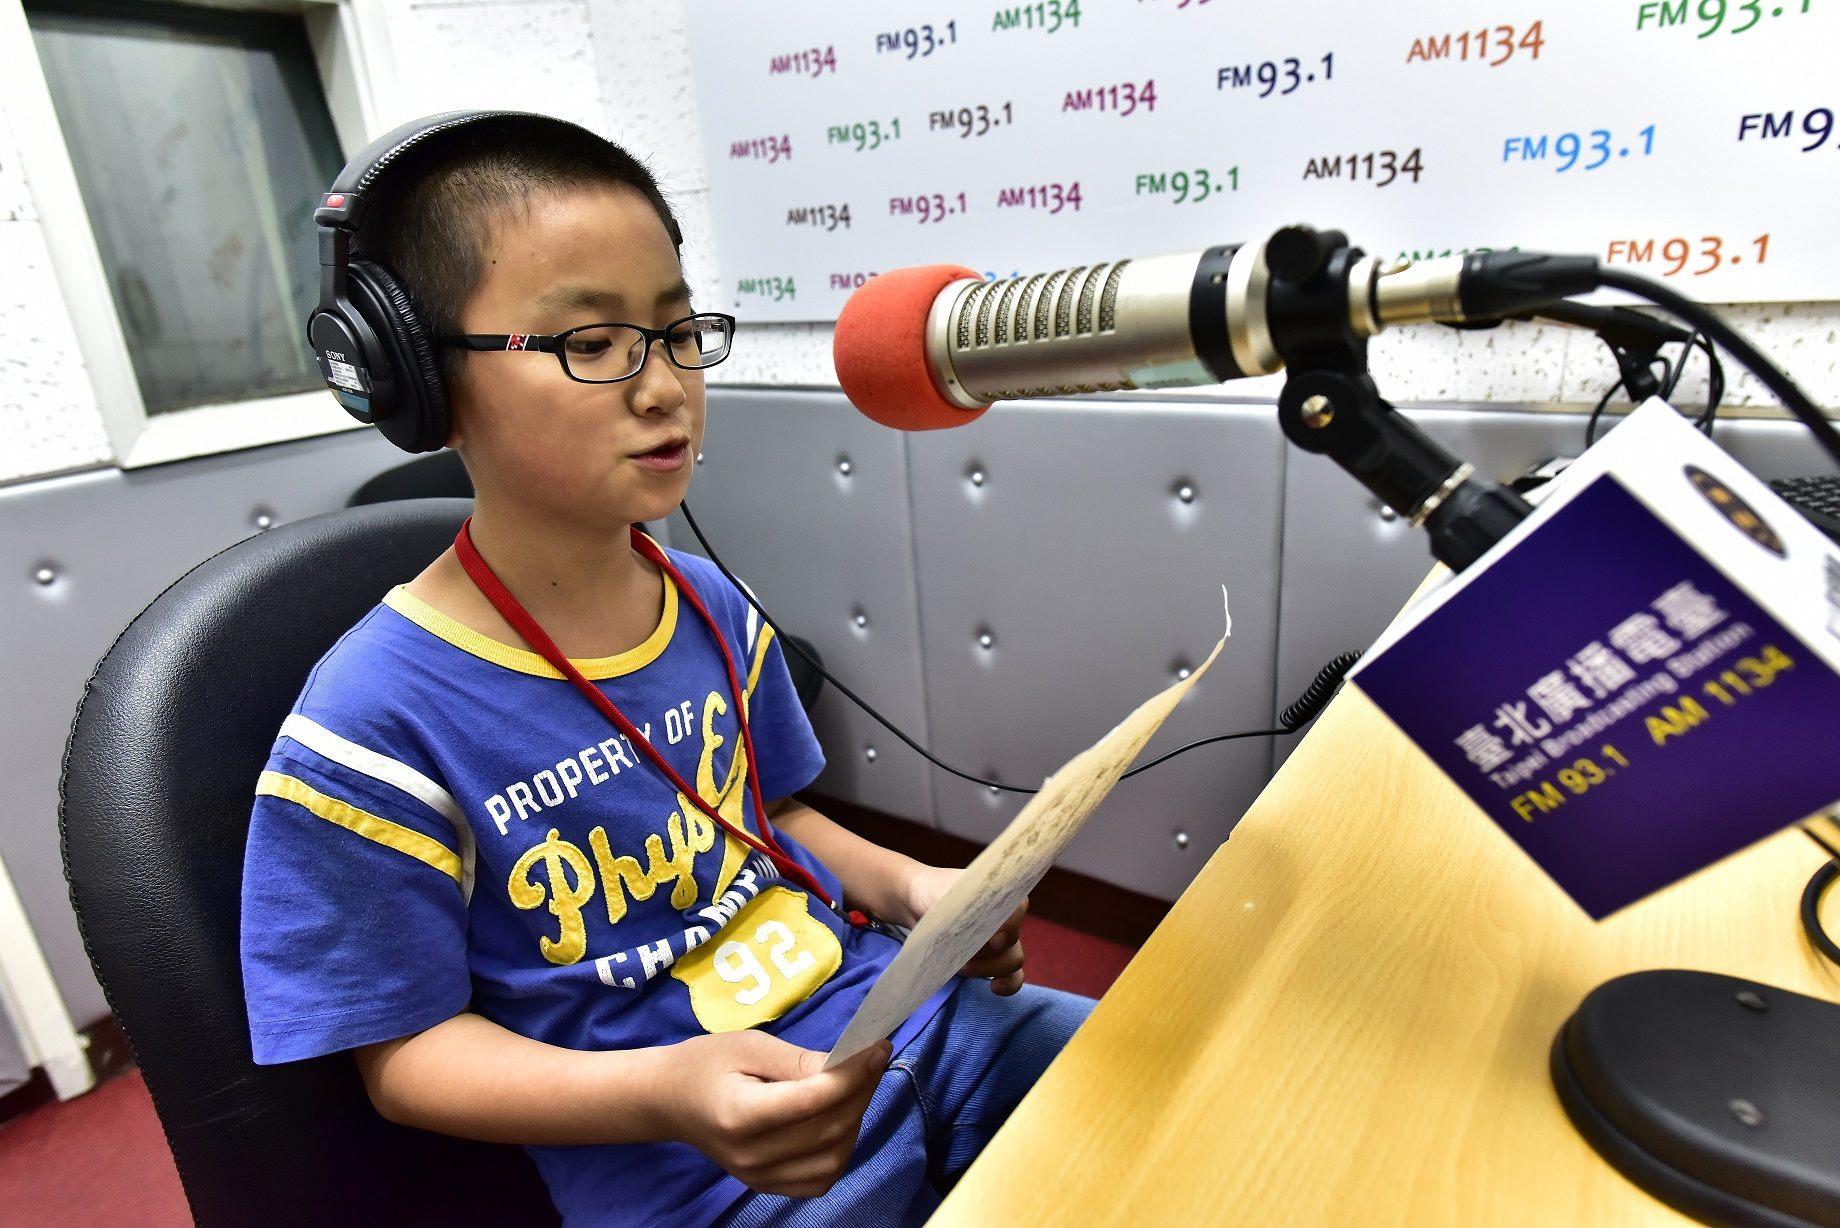 臺北電臺辦理小小廣播營,讓小朋友體驗當一日DJ。